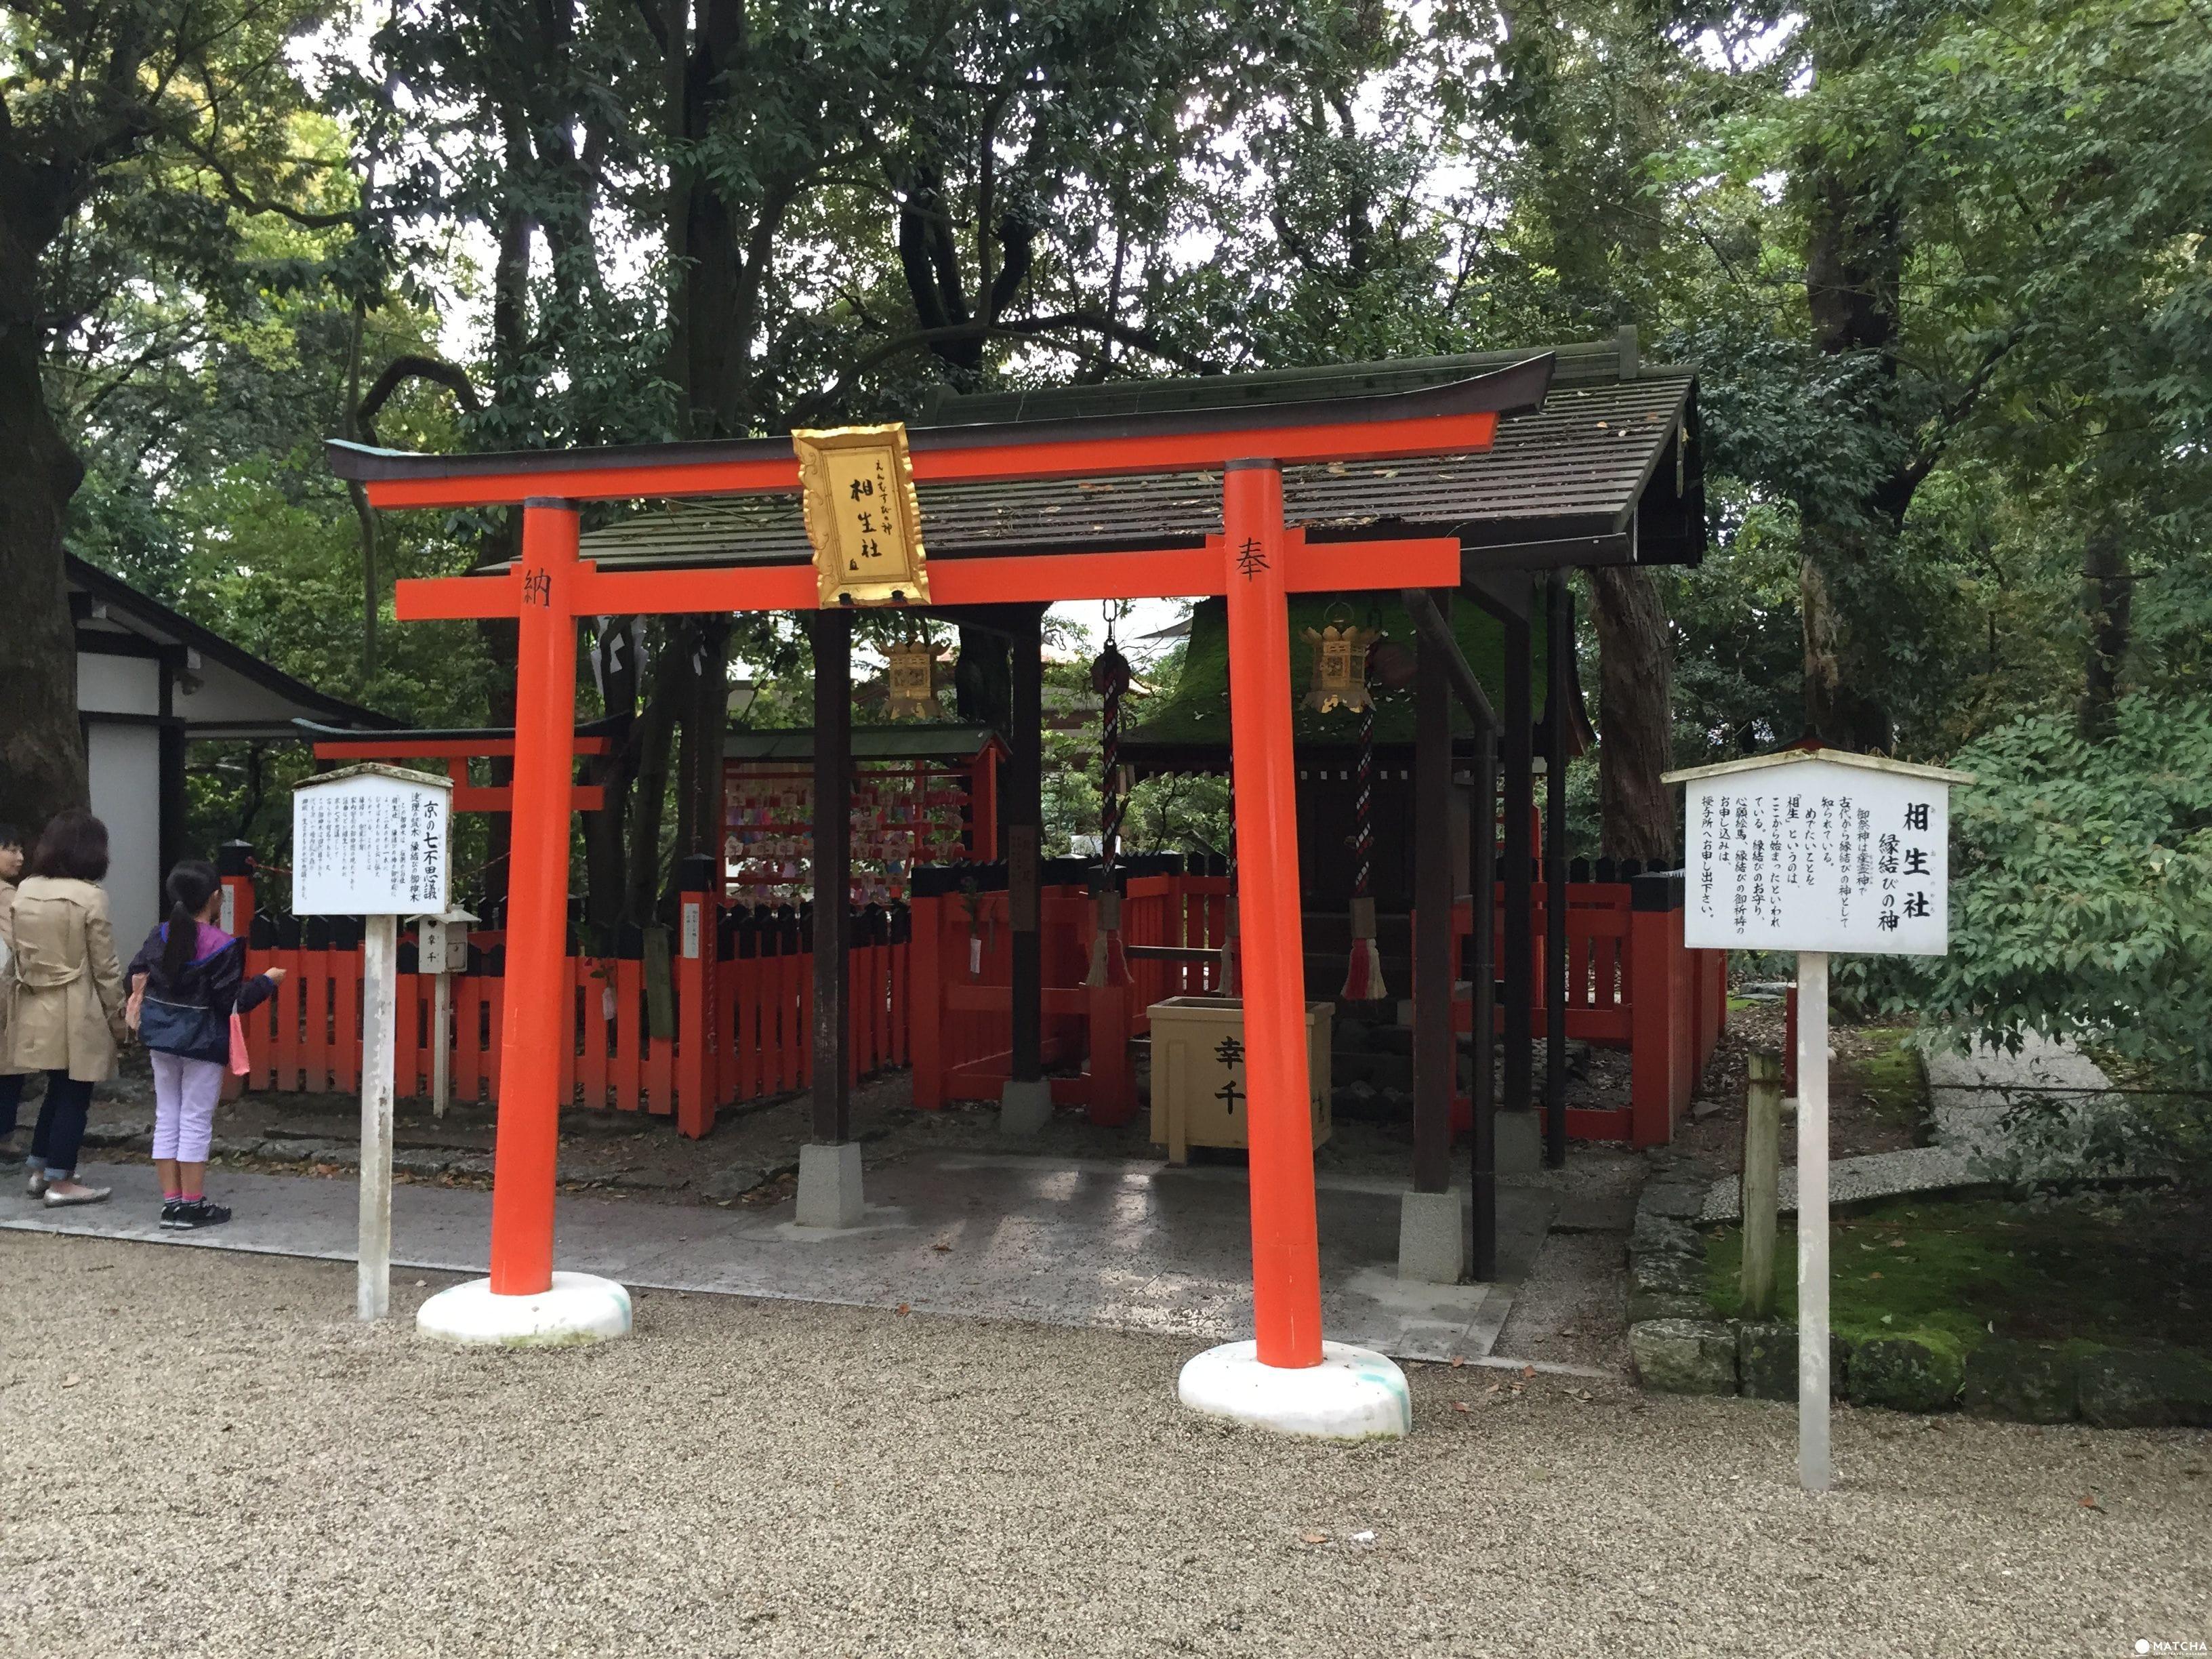 就是要愛情阿~參見京都5大戀愛神社